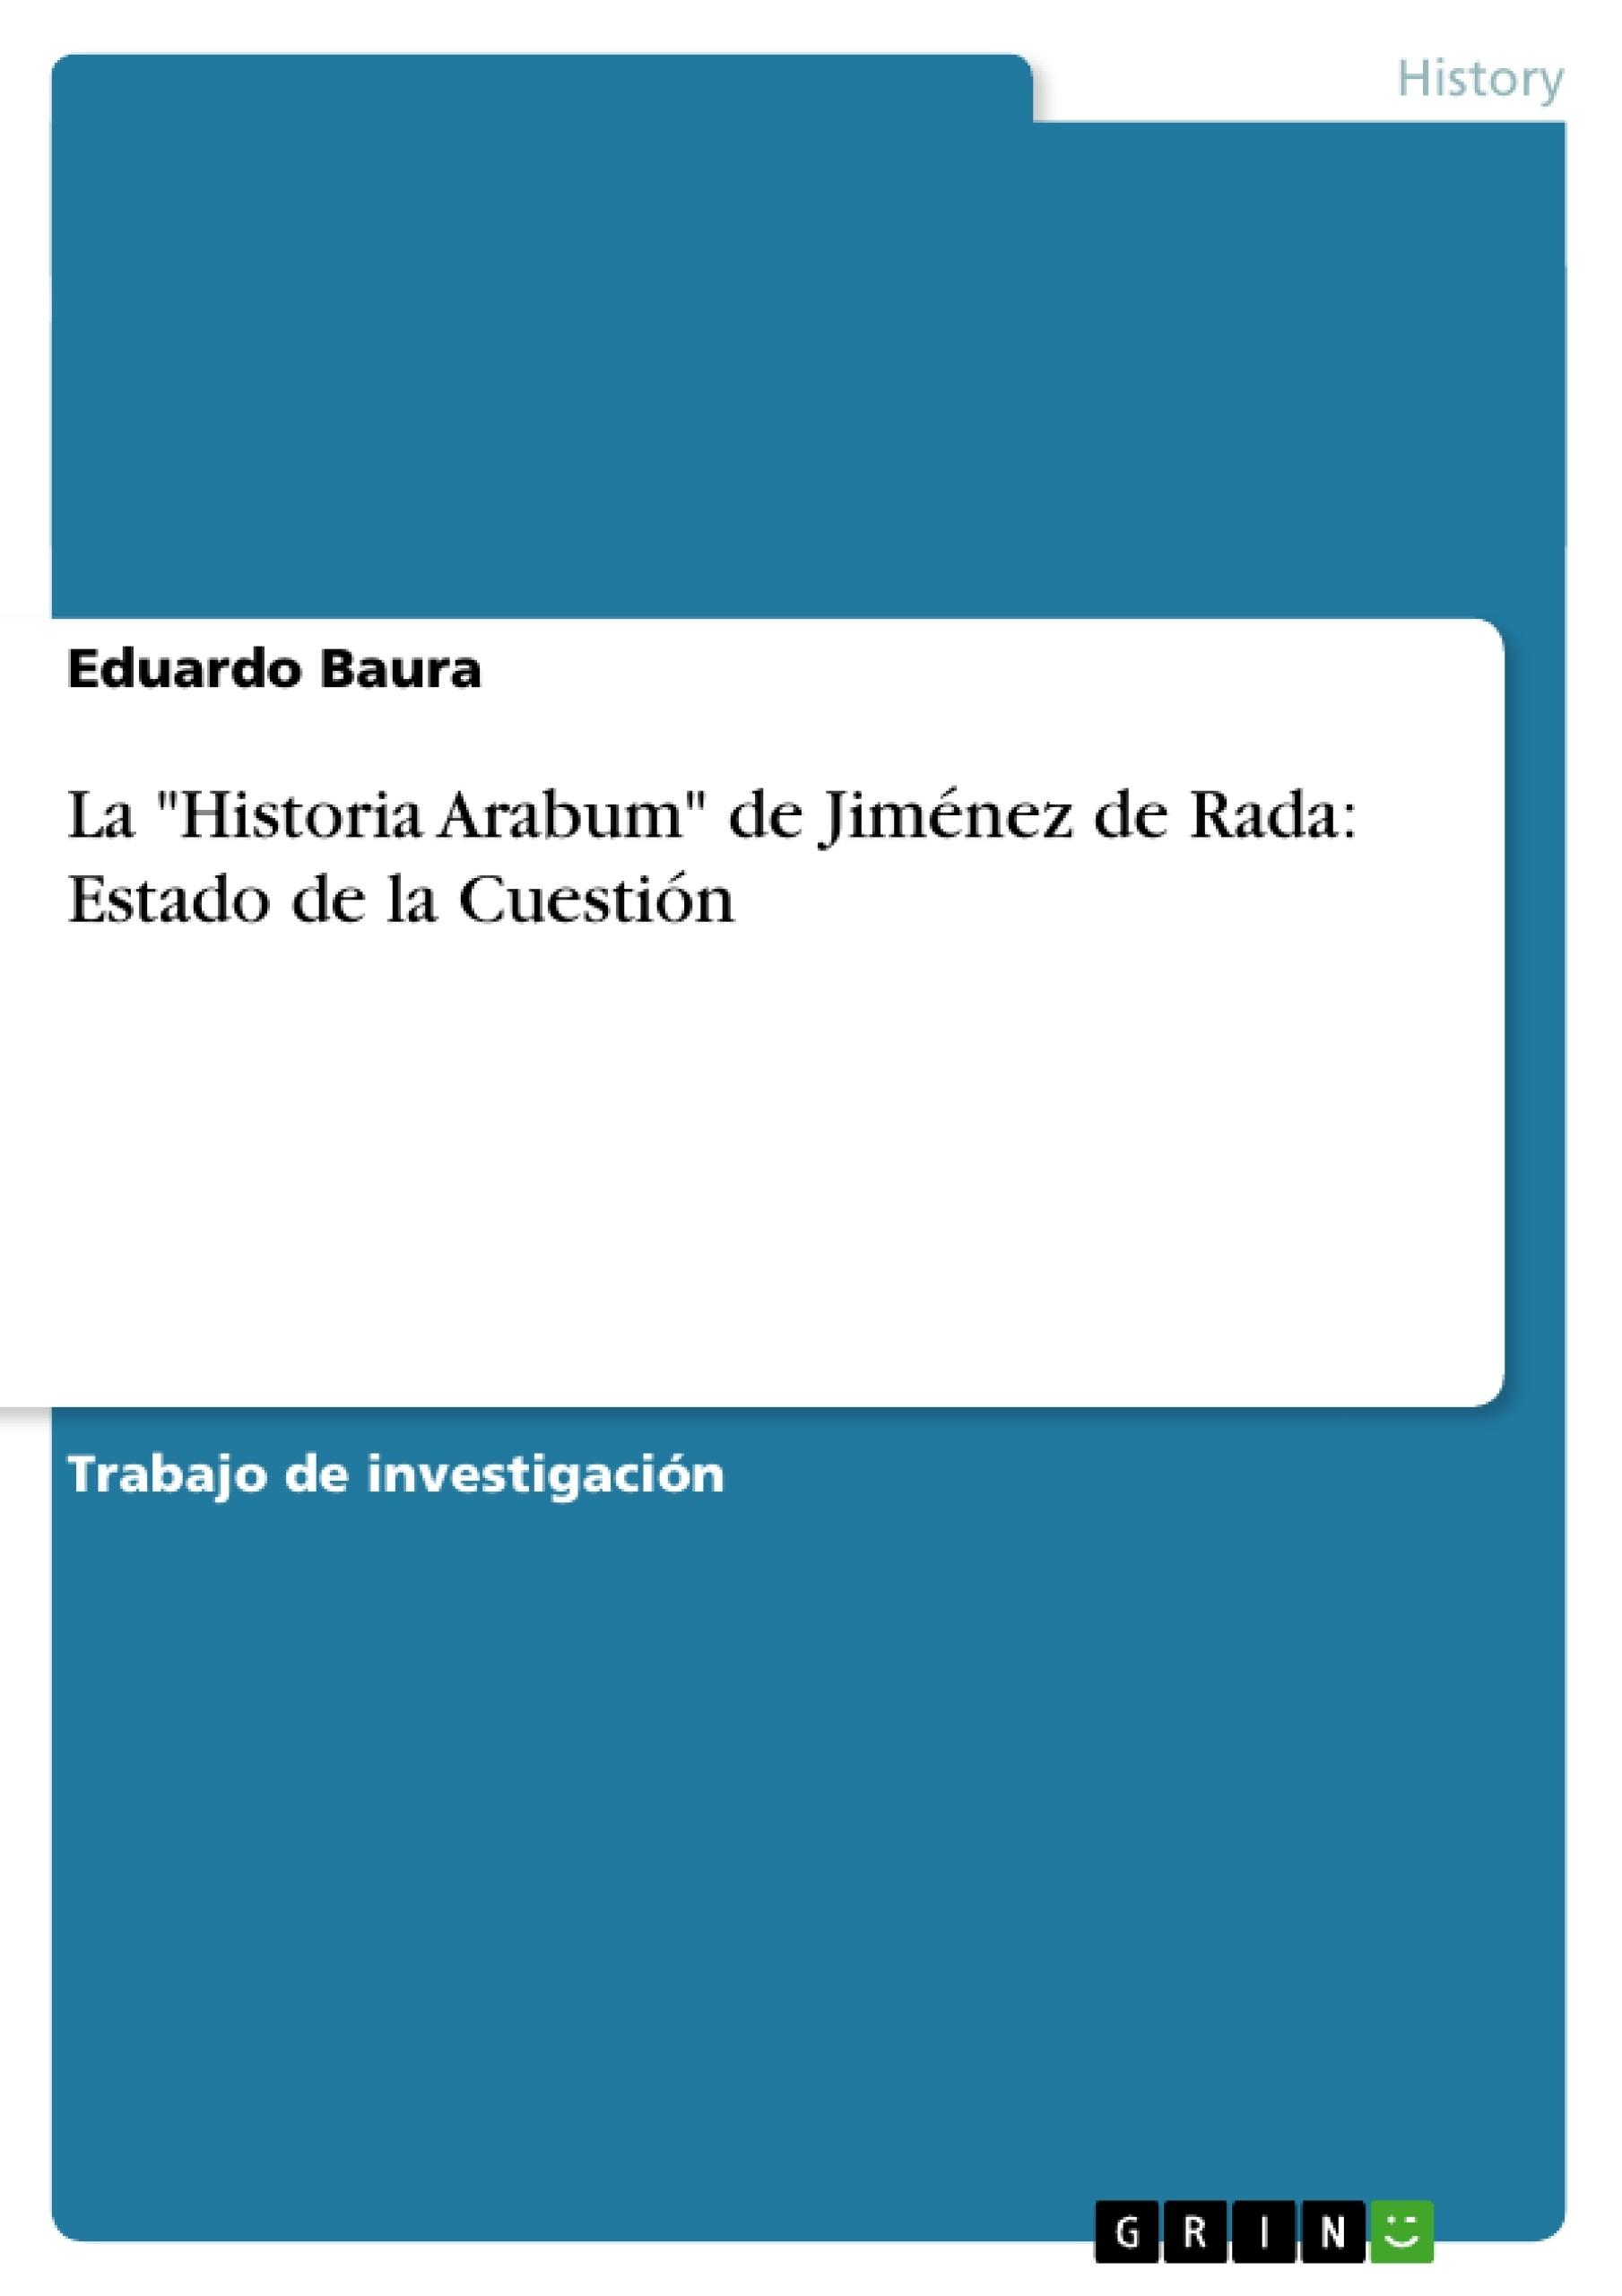 """Título: La """"Historia Arabum"""" de Jiménez de Rada: Estado de la Cuestión"""